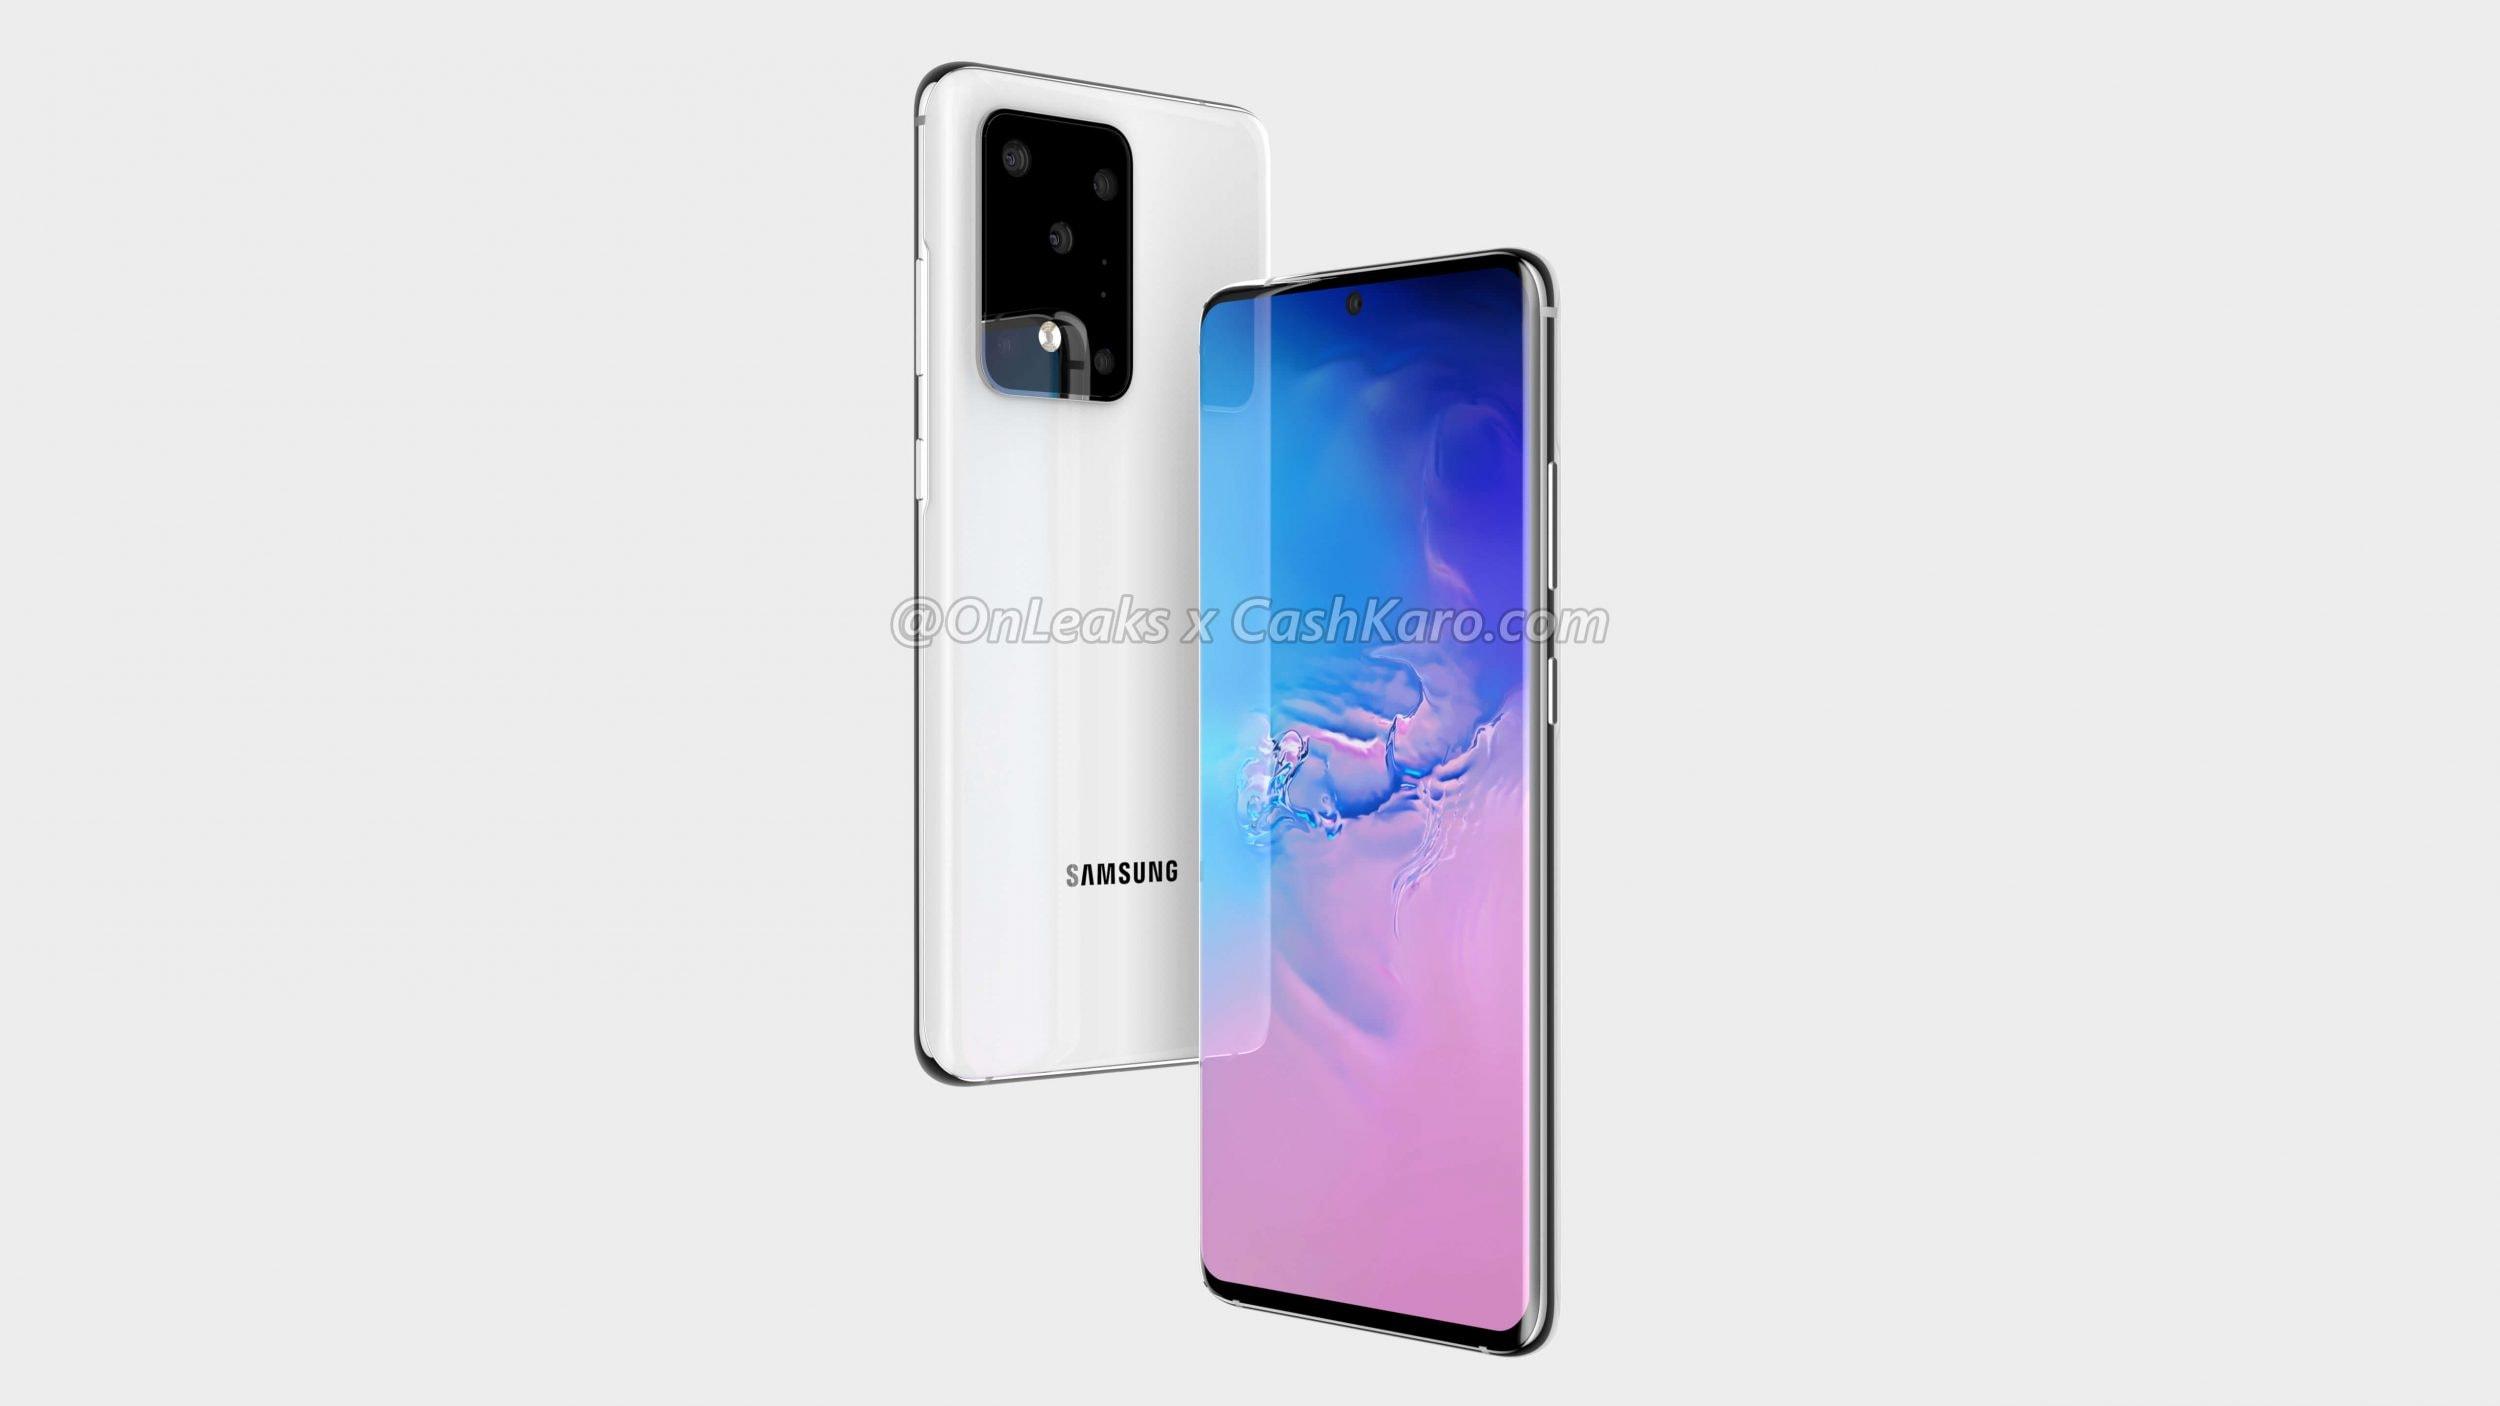 Samsung cerca l'affondo: S11 e nuovo Fold a conchiglia con super fotocamere, ed S11+ con ben 5.000mAh